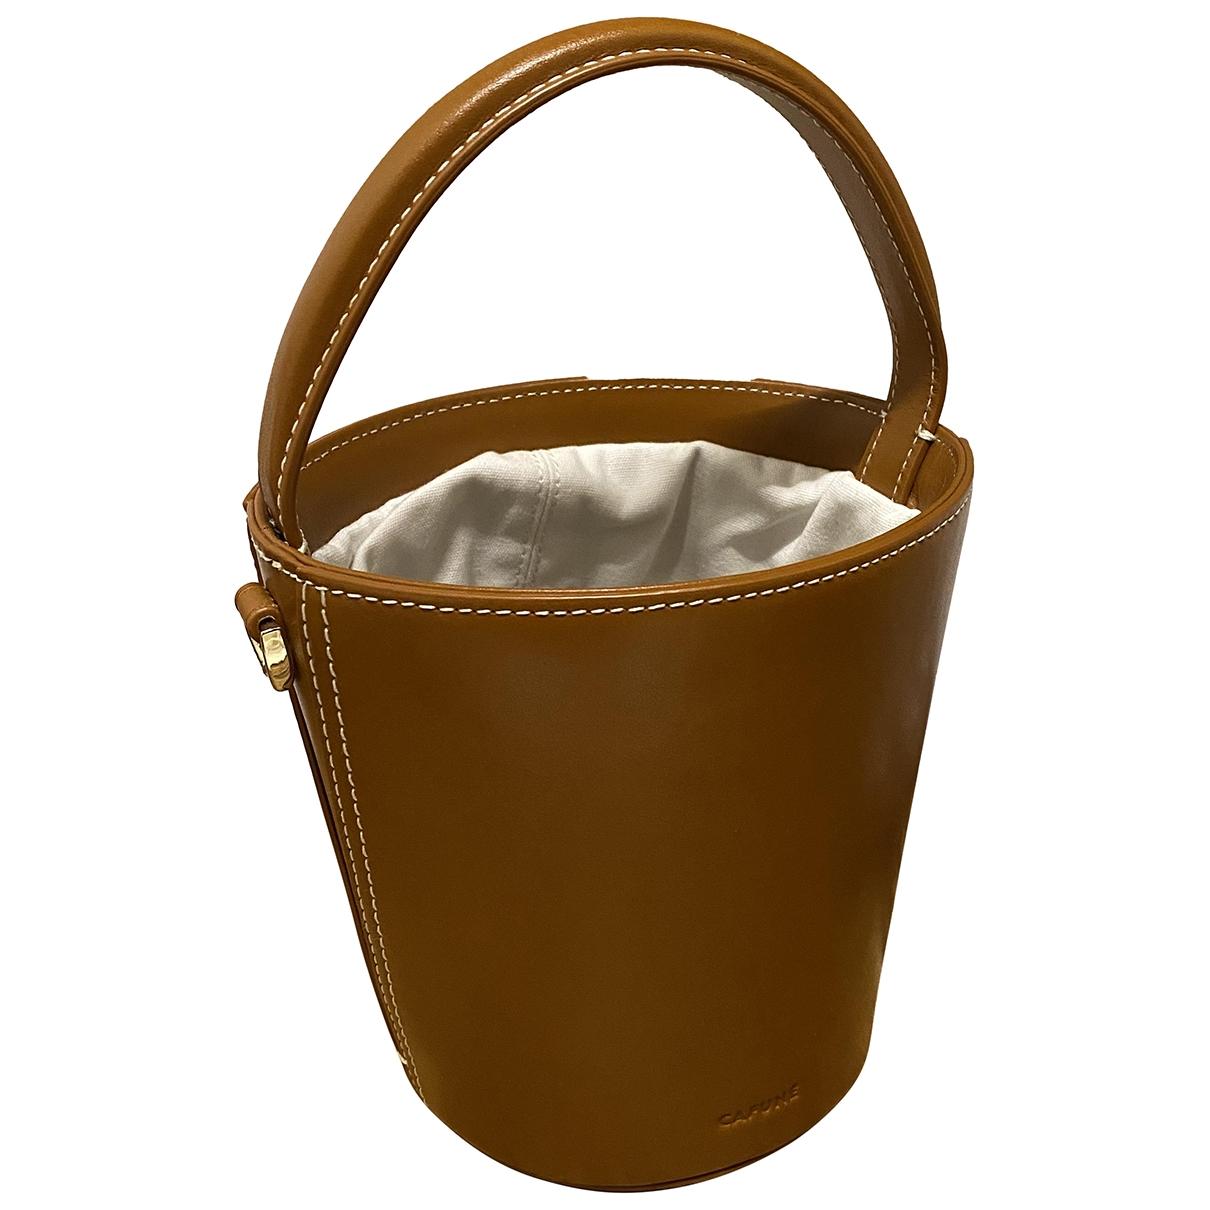 Cafune \N Handtasche in  Kamel Leder